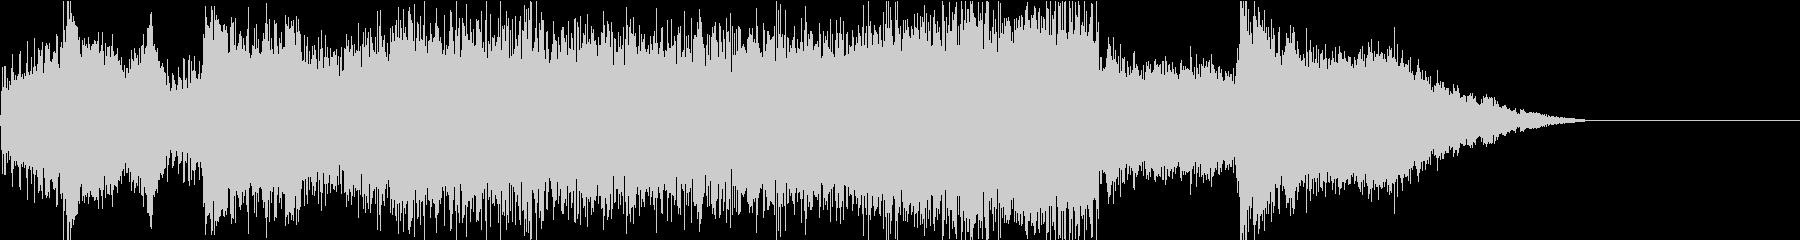 FMラジオ的ジングル5の未再生の波形